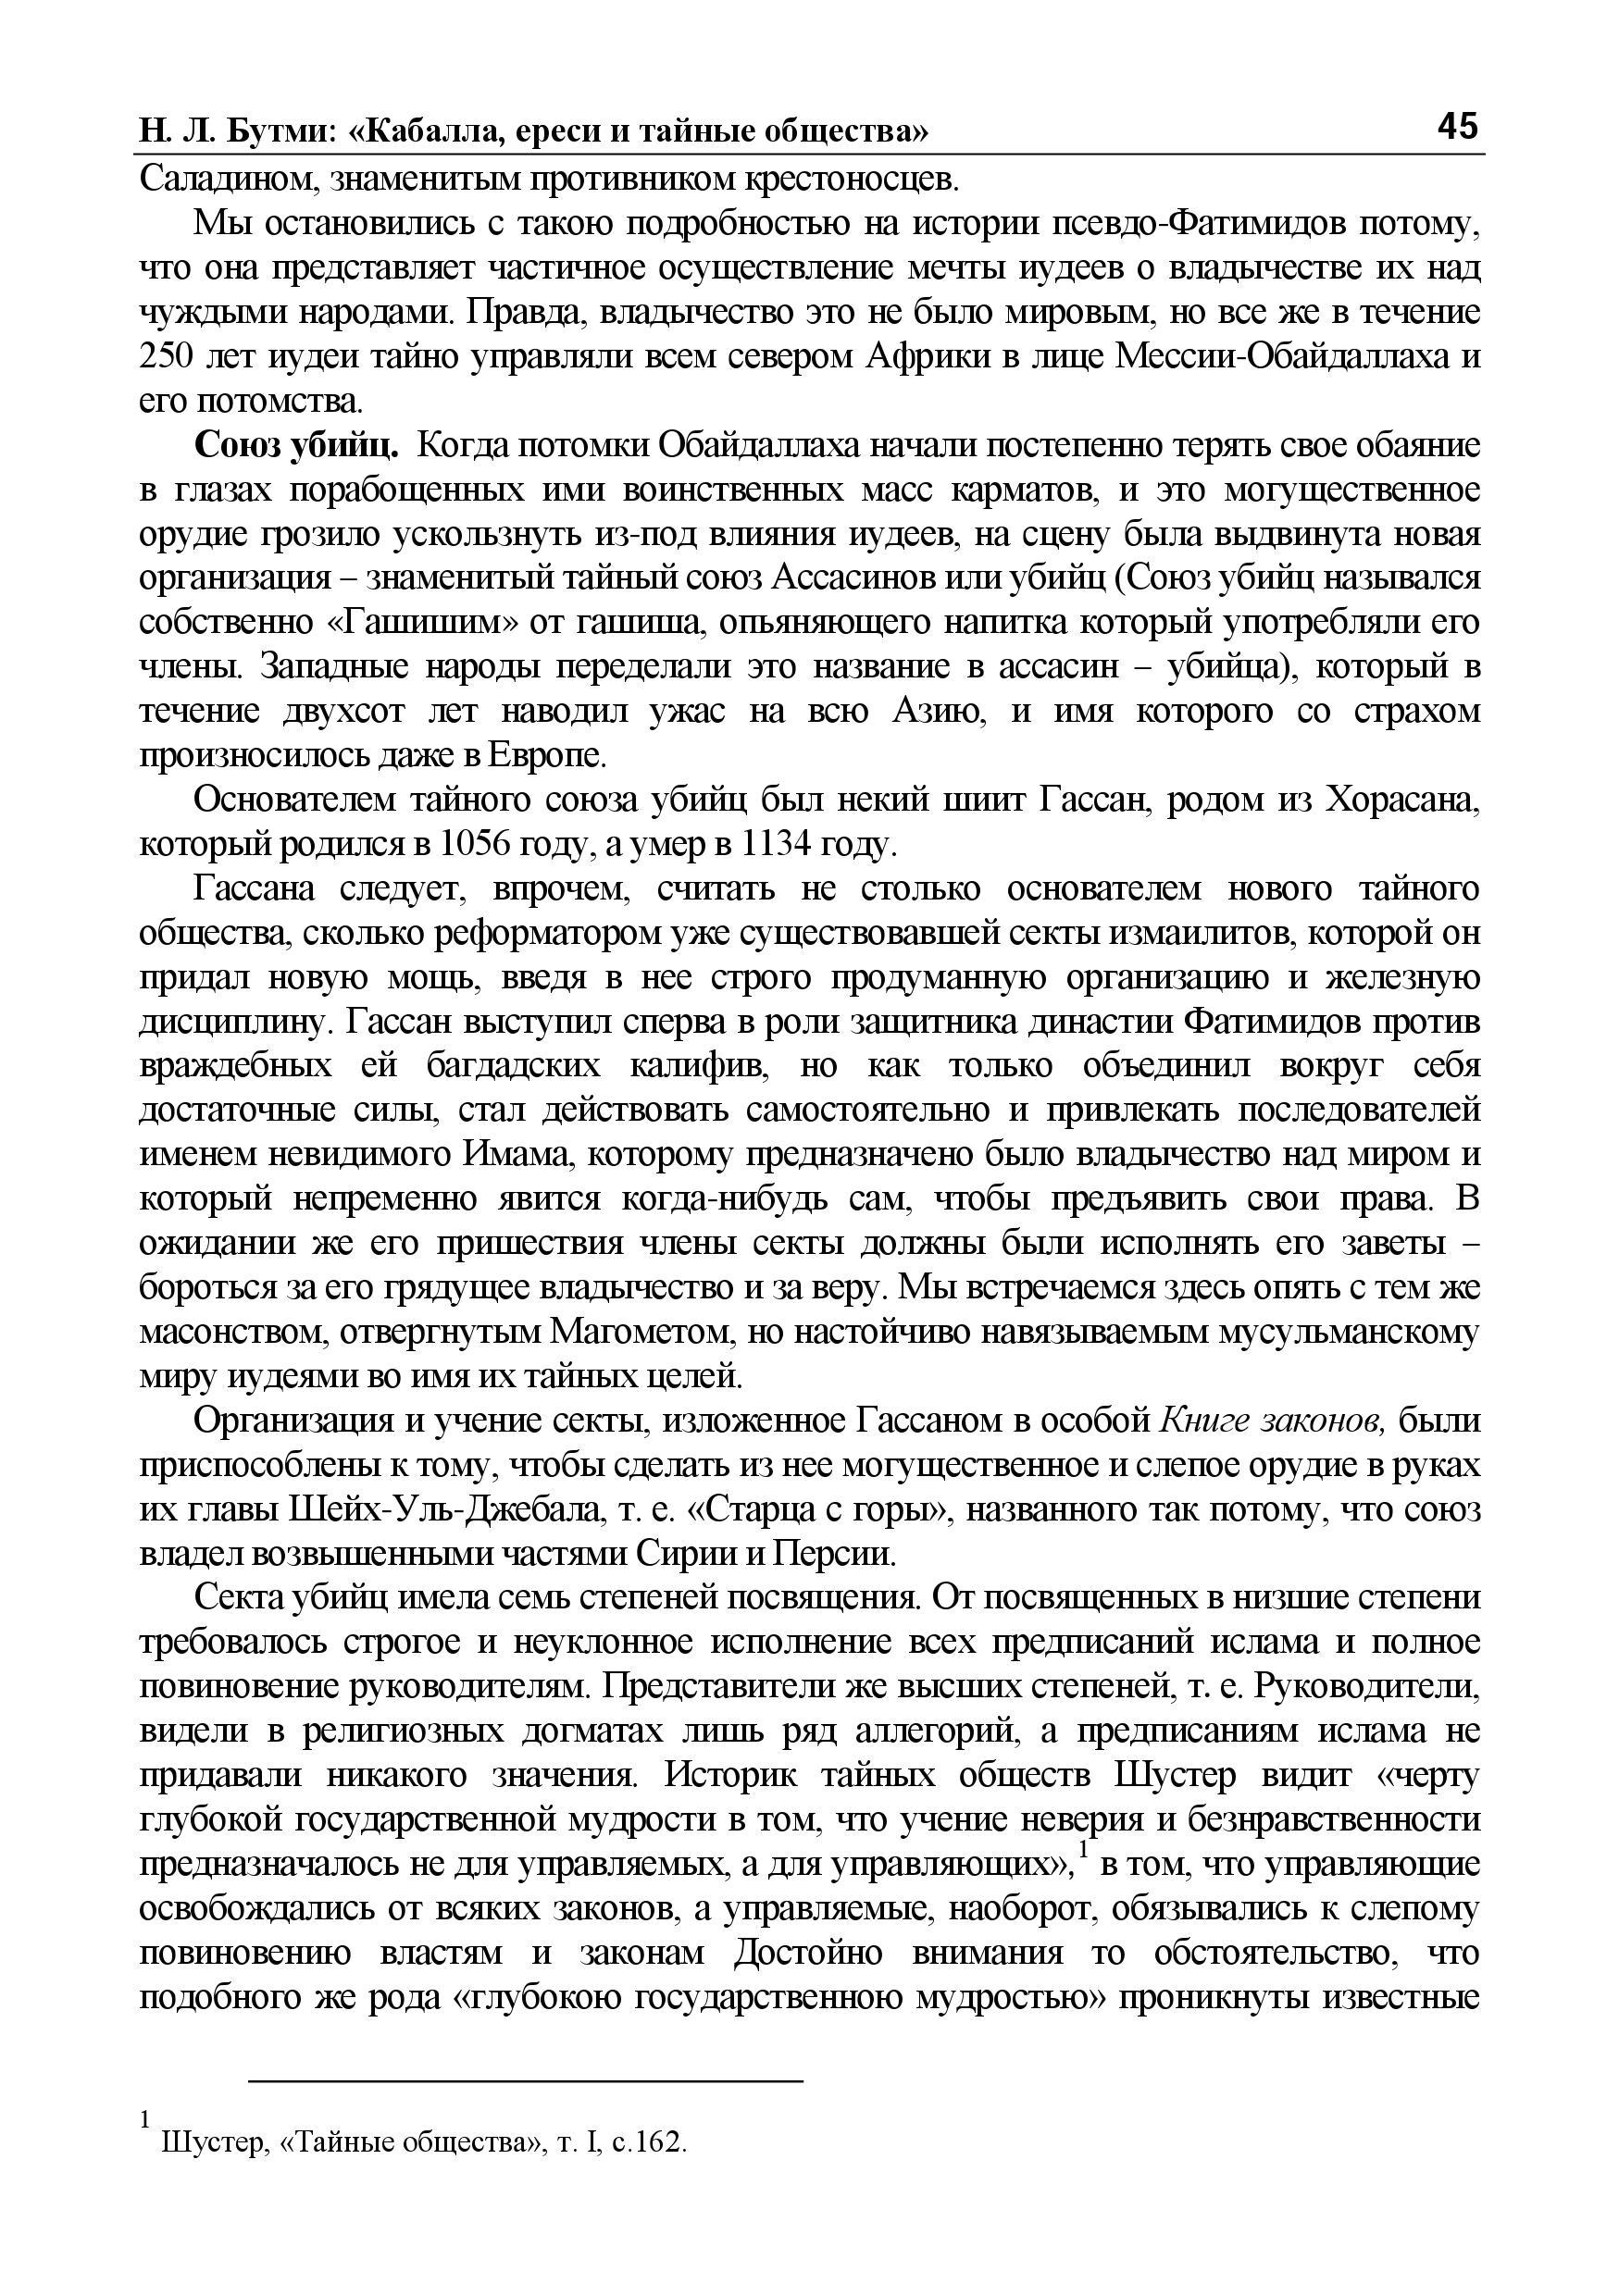 http://sf.uploads.ru/VTLEK.jpg